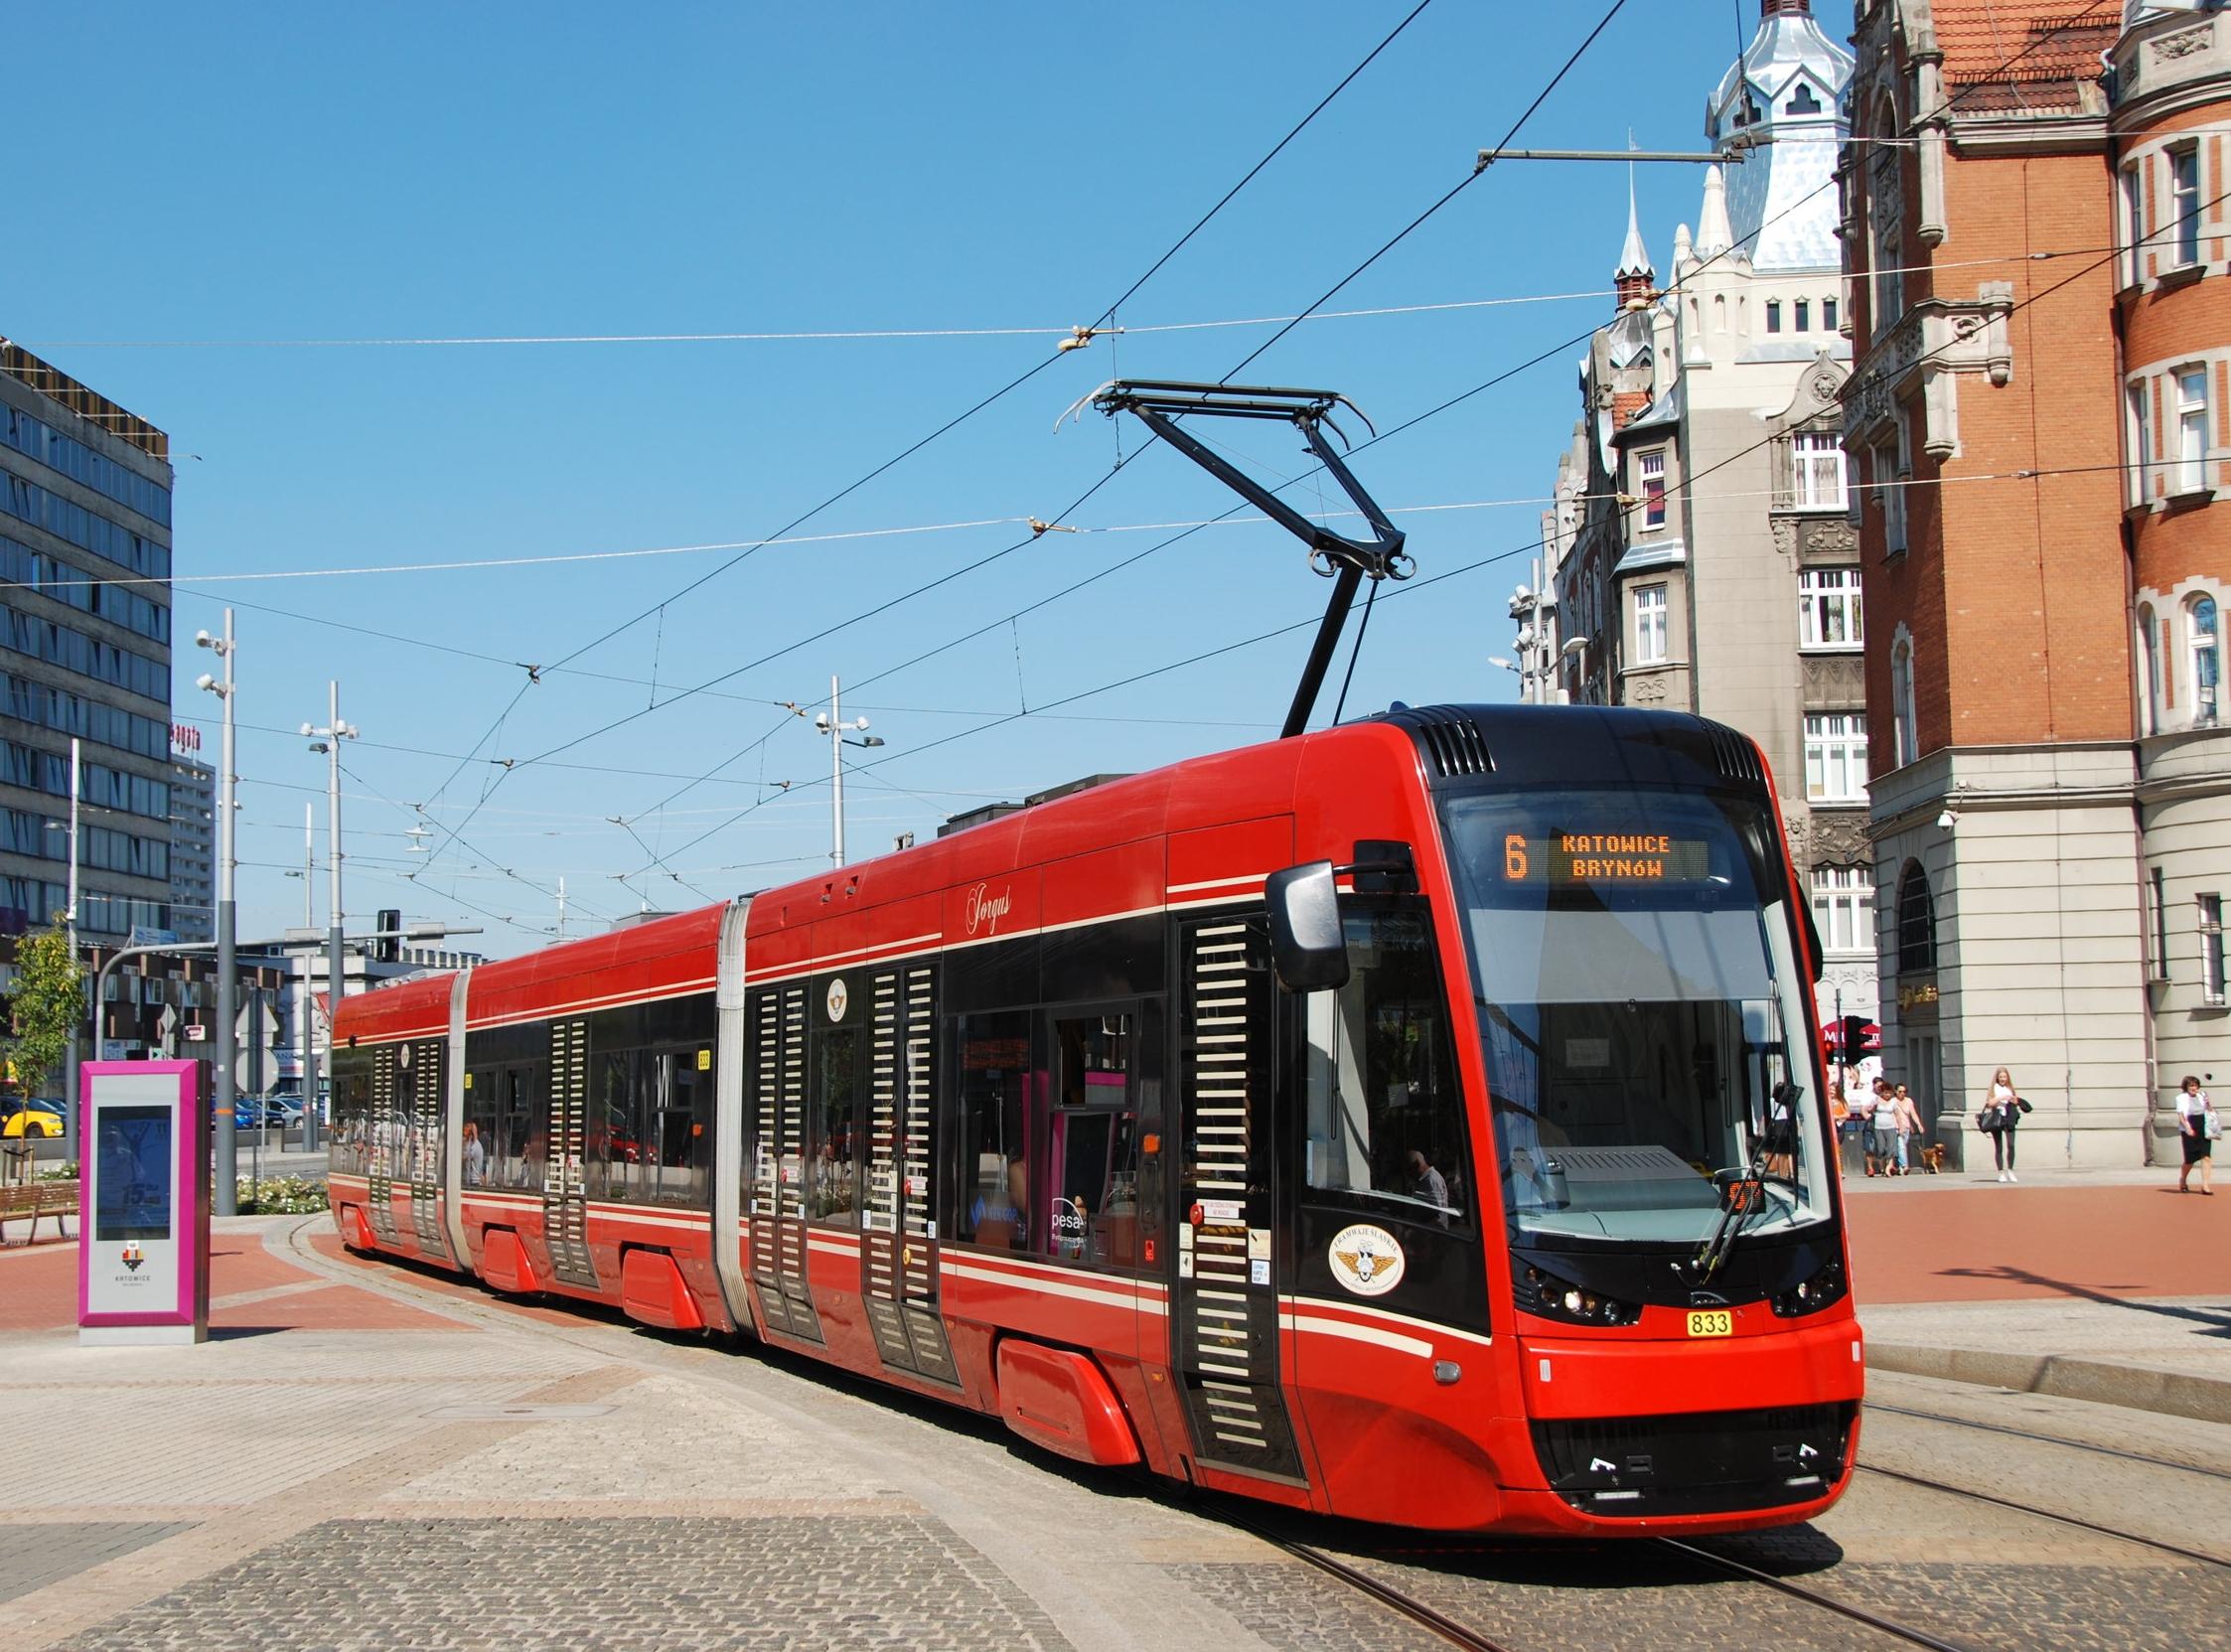 PESA dodala do katovické aglomerace již 30 vozů Pesa Twist Step (2012N). Nové tramvaje by měly z tohoto konceptu vycházet.(foto: Libor Hinčica)